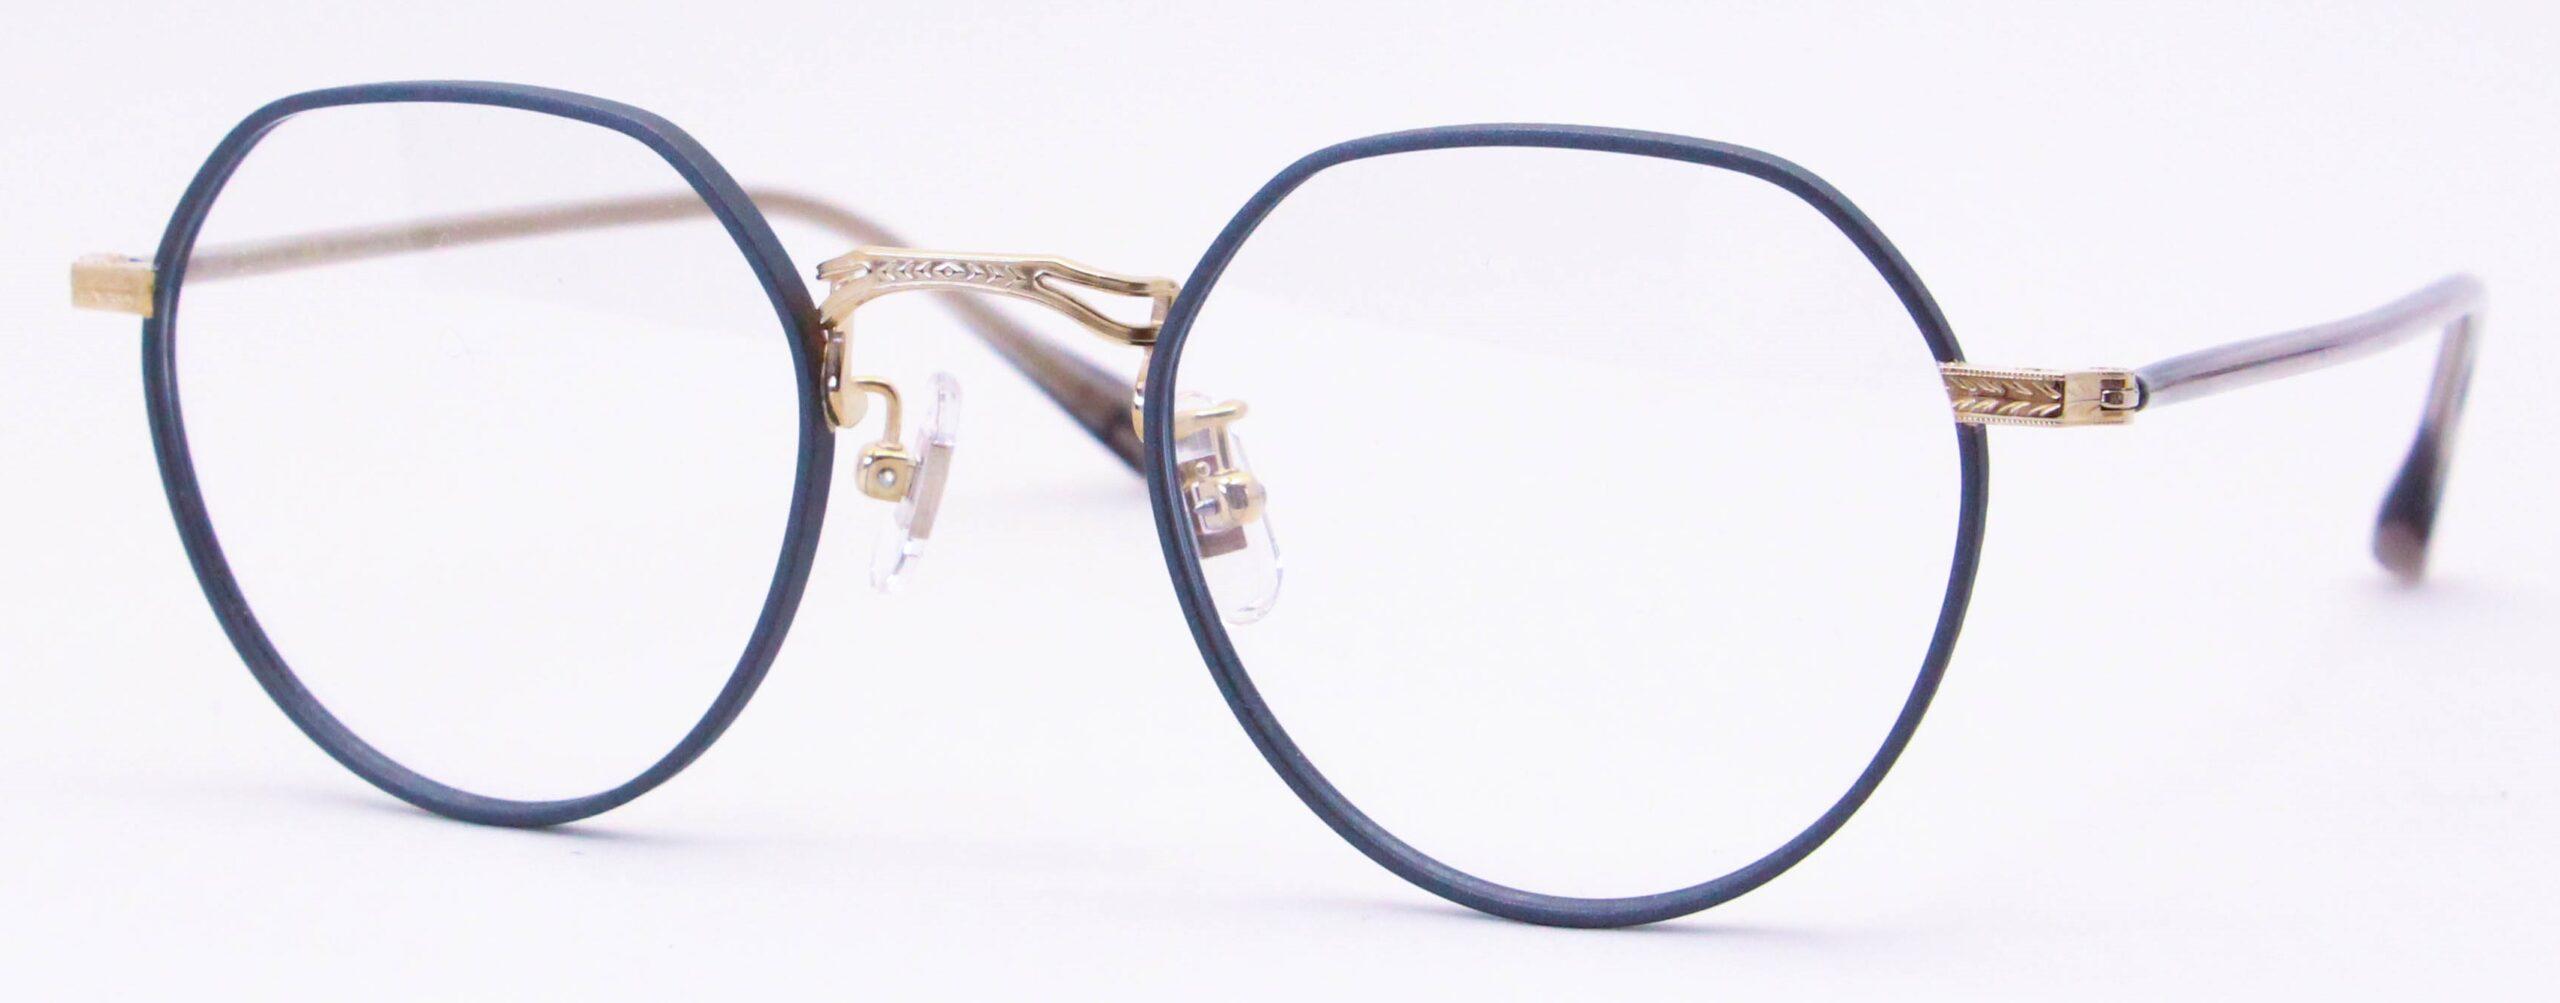 眼鏡のカラータイプC-3 Gray-Matt/Gold